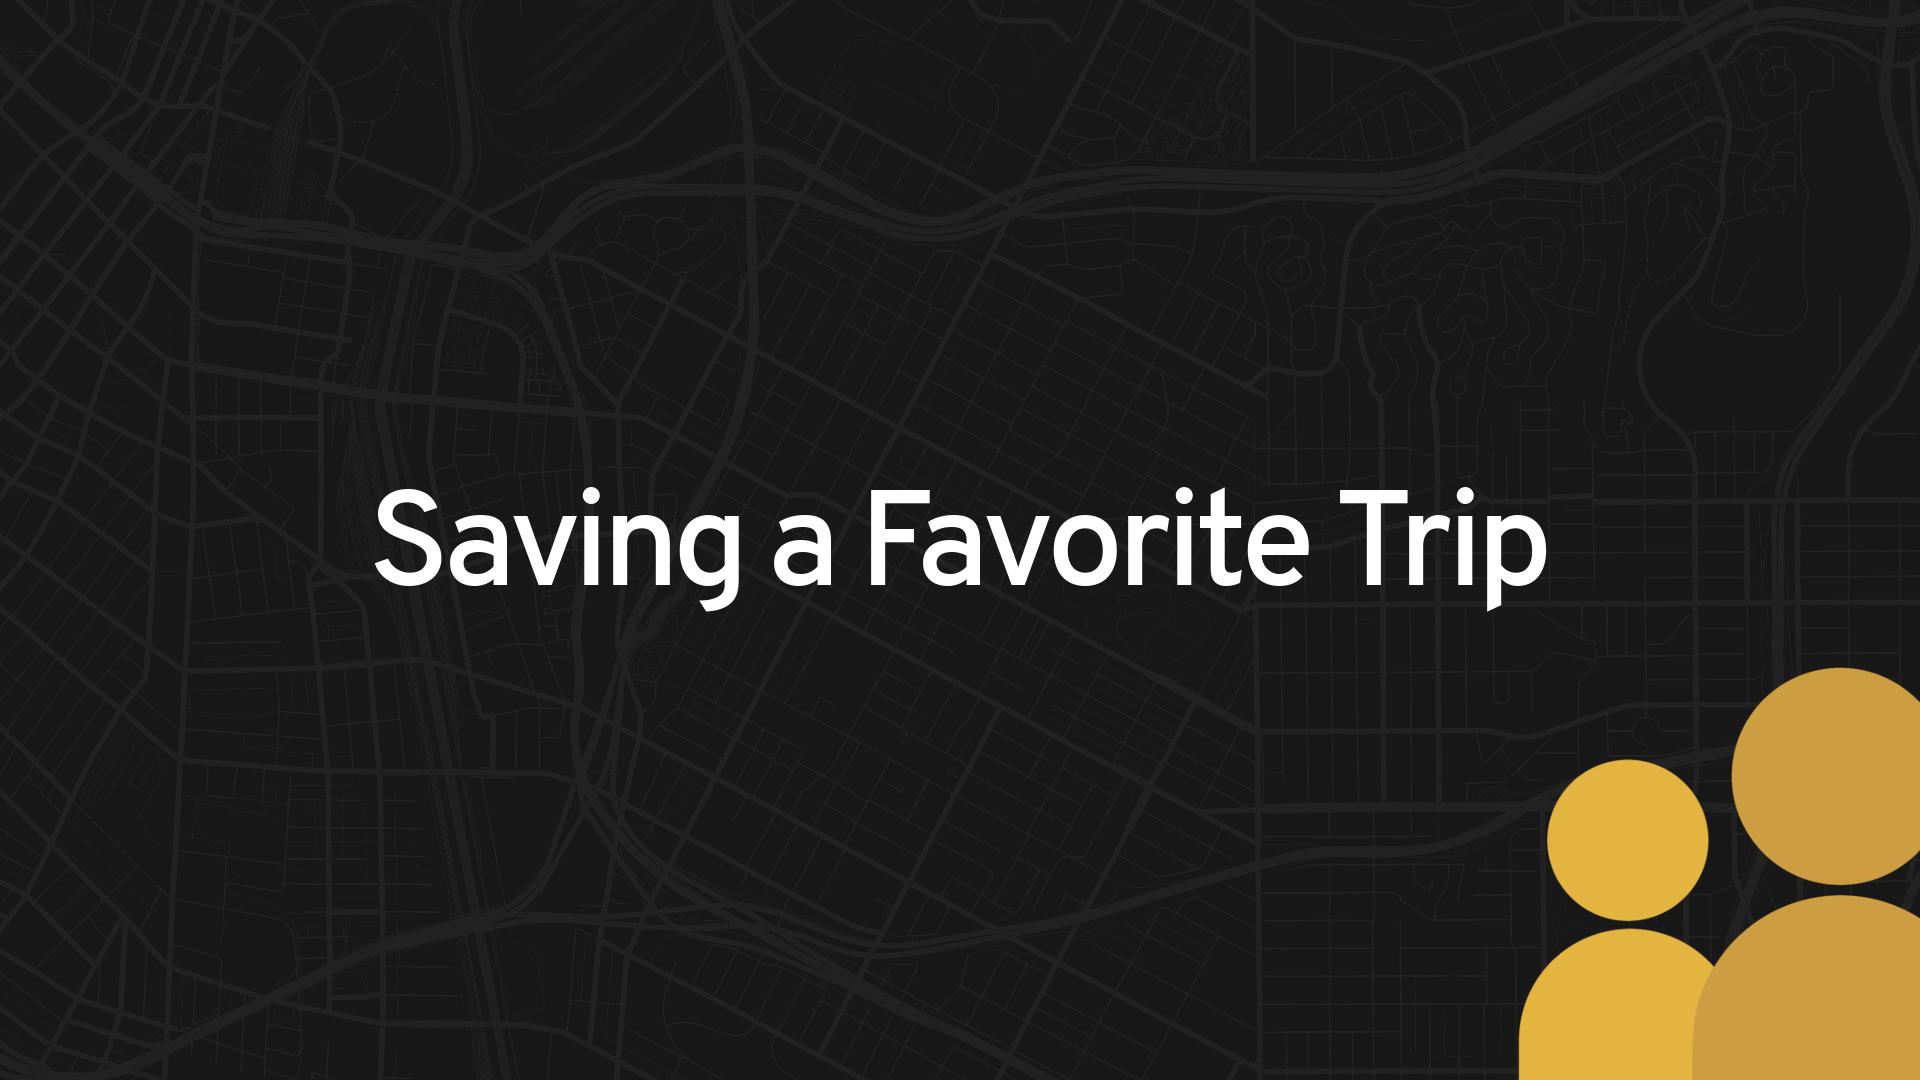 Saving a Favorite Trip